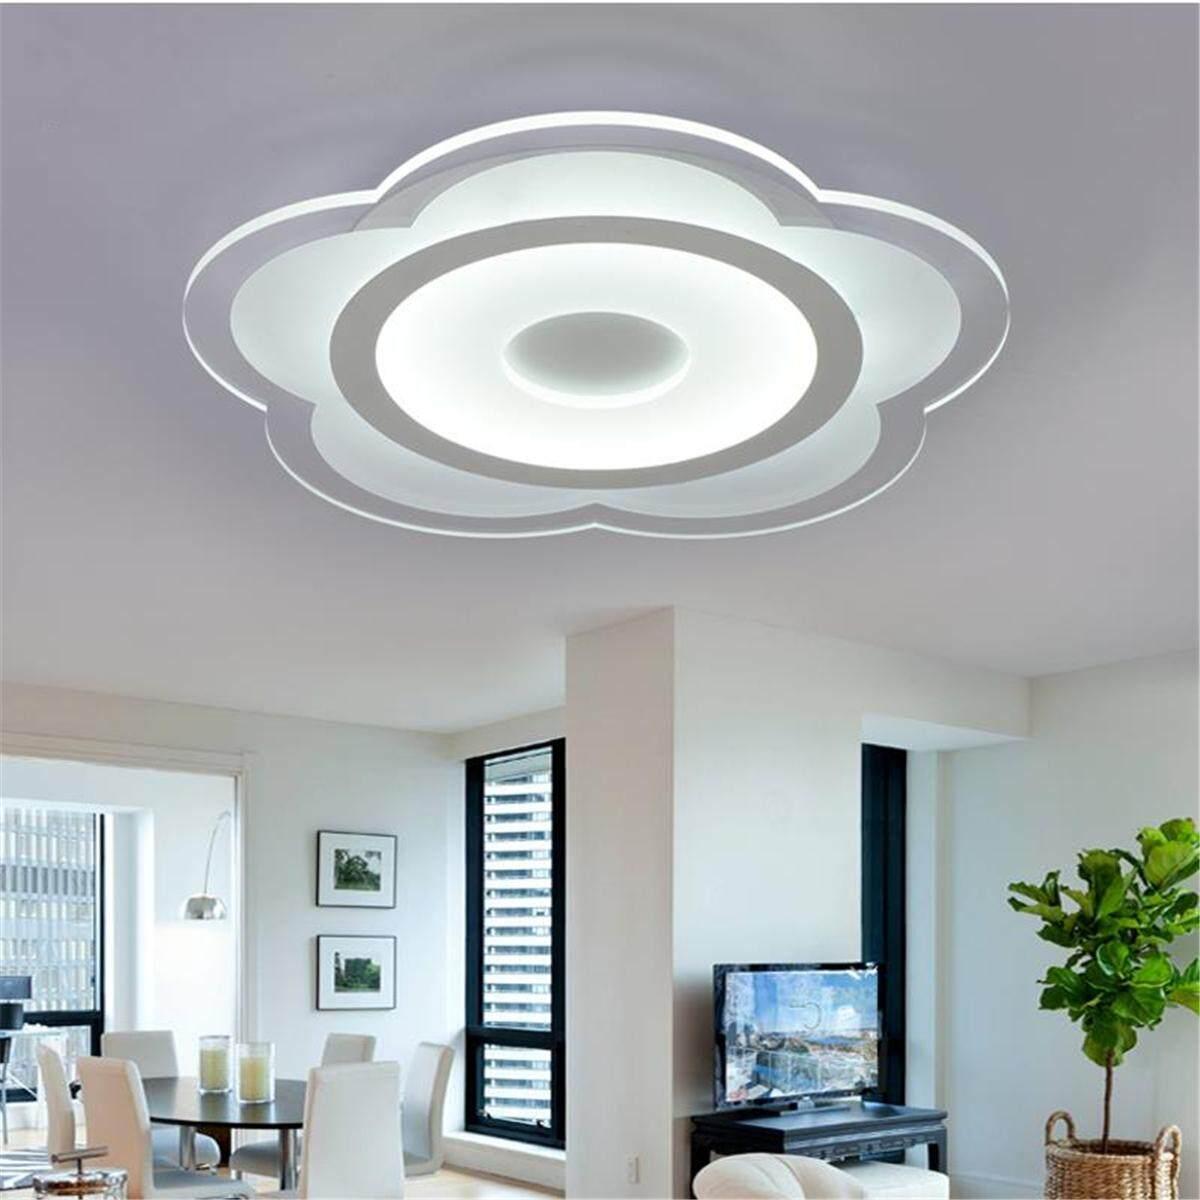 Modern Simple Square Acrylic LED Ceiling Light Living Room Bedroom Home Lamp#Full White Light - intl